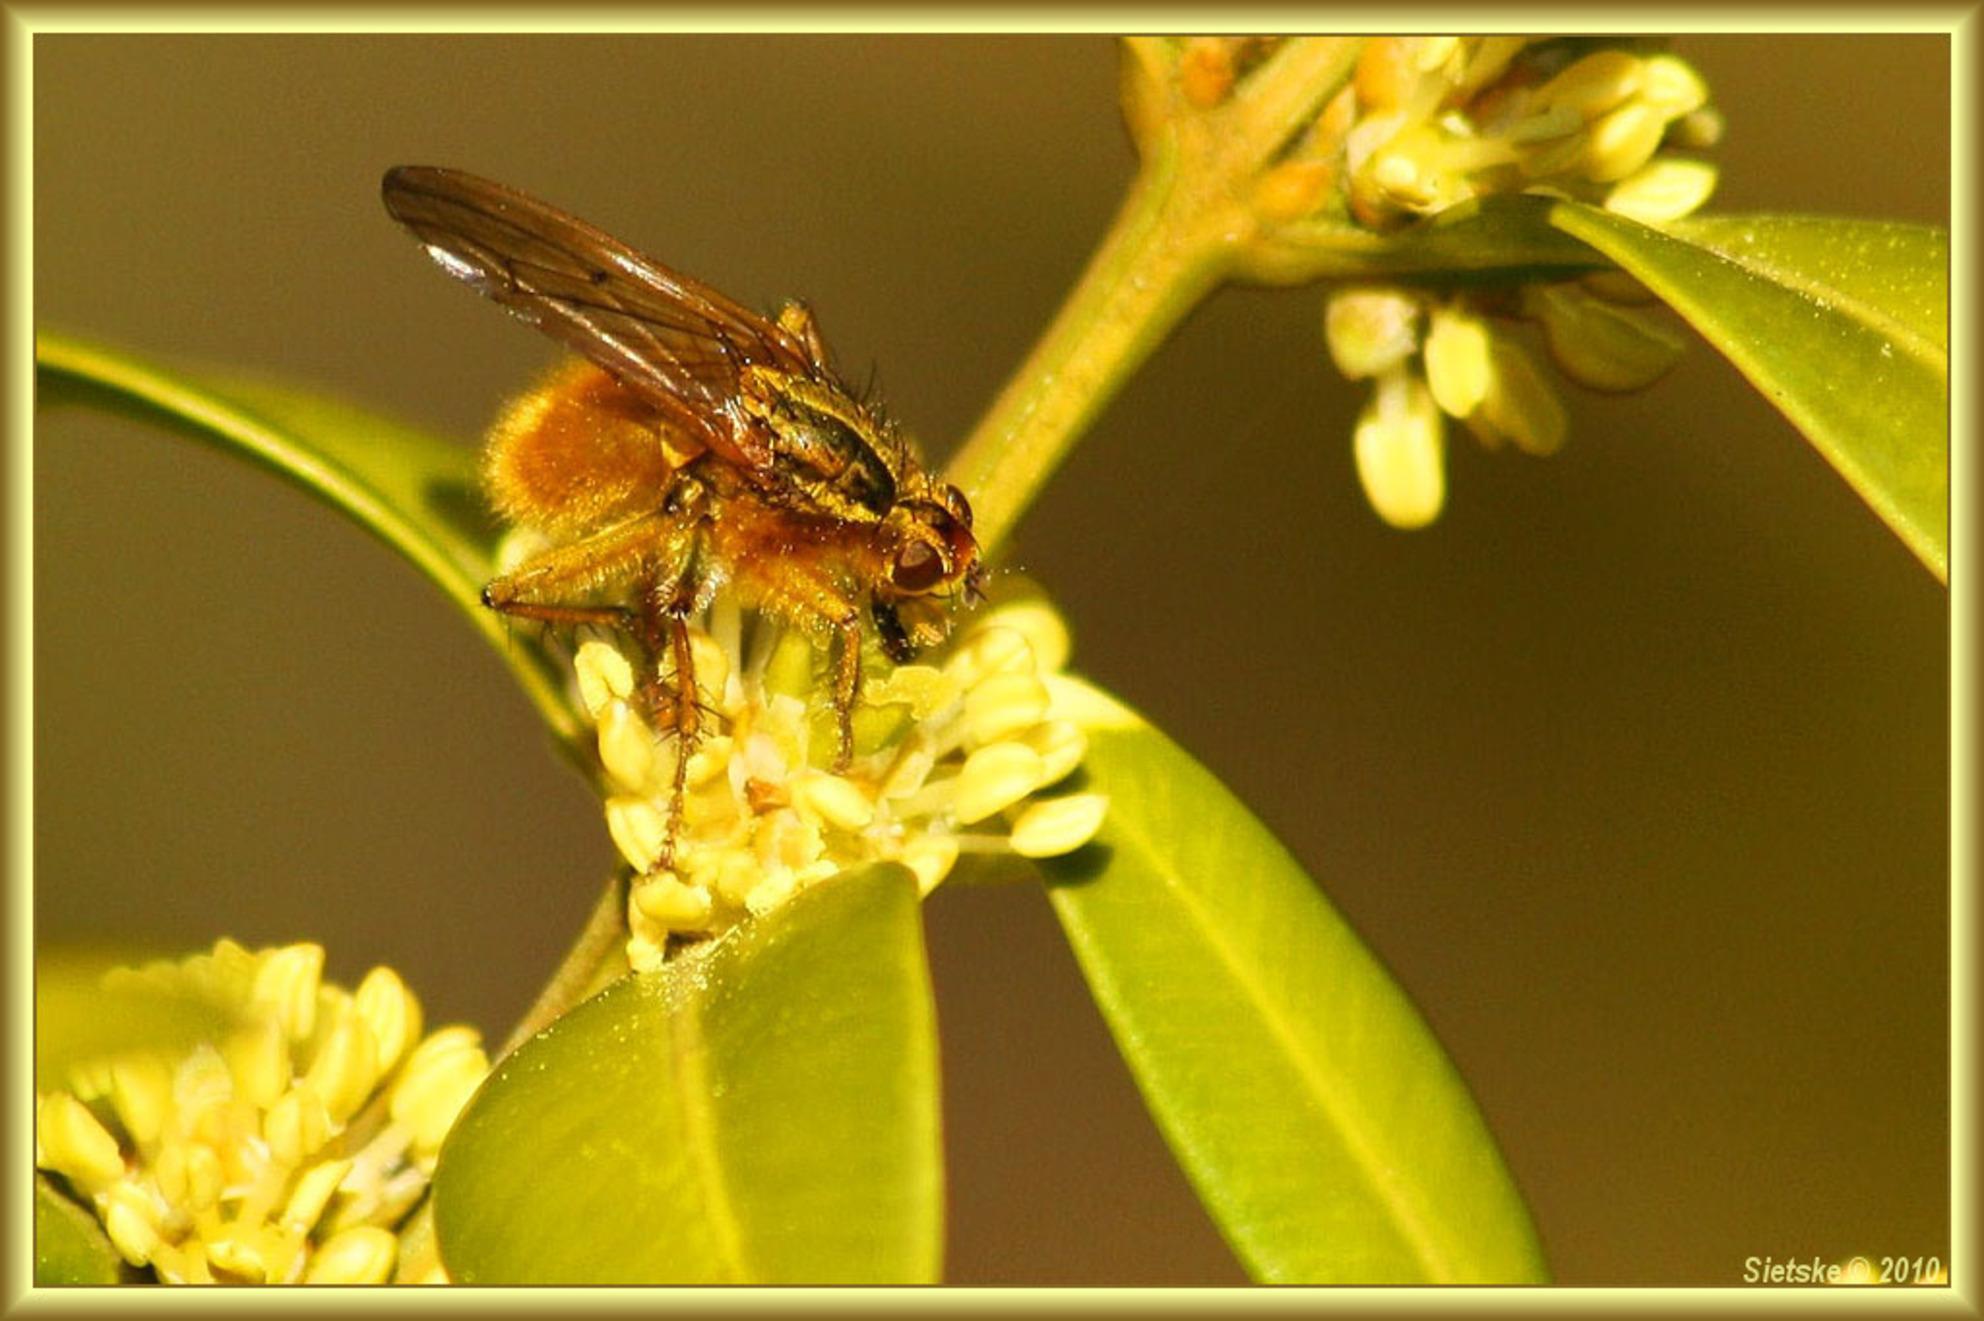 Vlieg - Een vlieg op de buxus in eigen tuin. - foto door SietskeH op 12-04-2010 - deze foto bevat: macro, vlieg, tuin